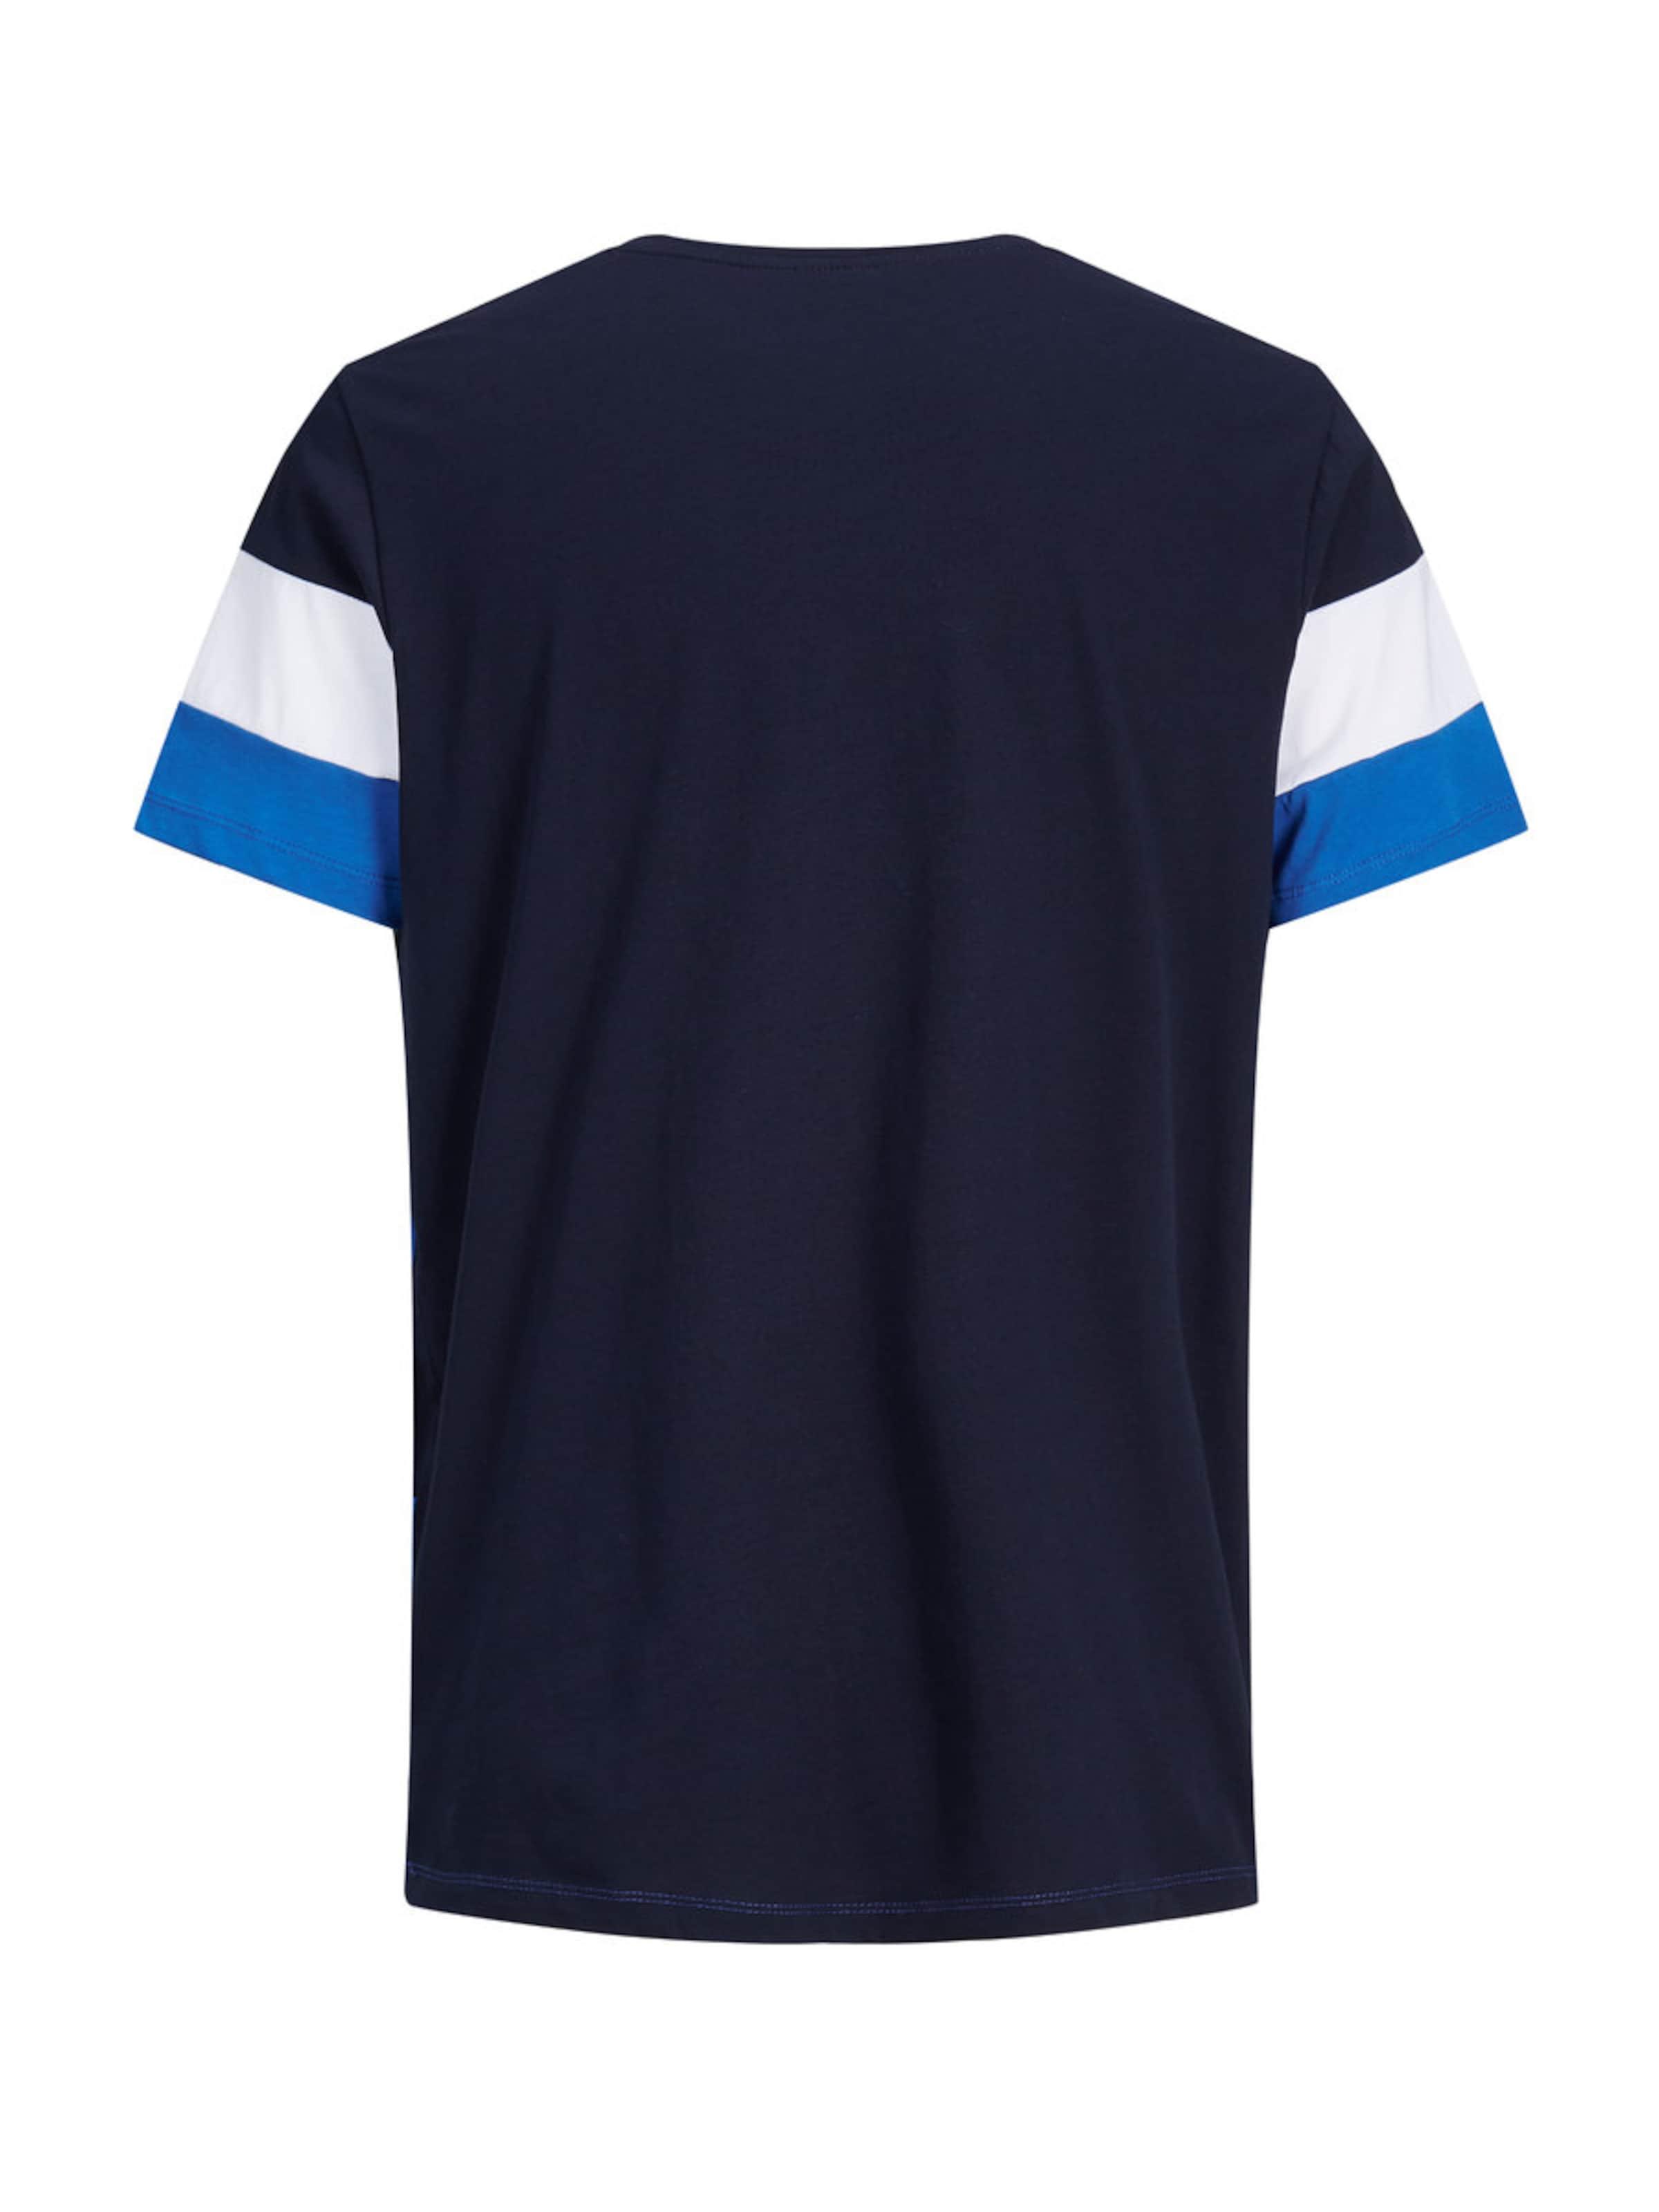 Jackamp; Klassisches Jones shirt Blau In T f6byYg7